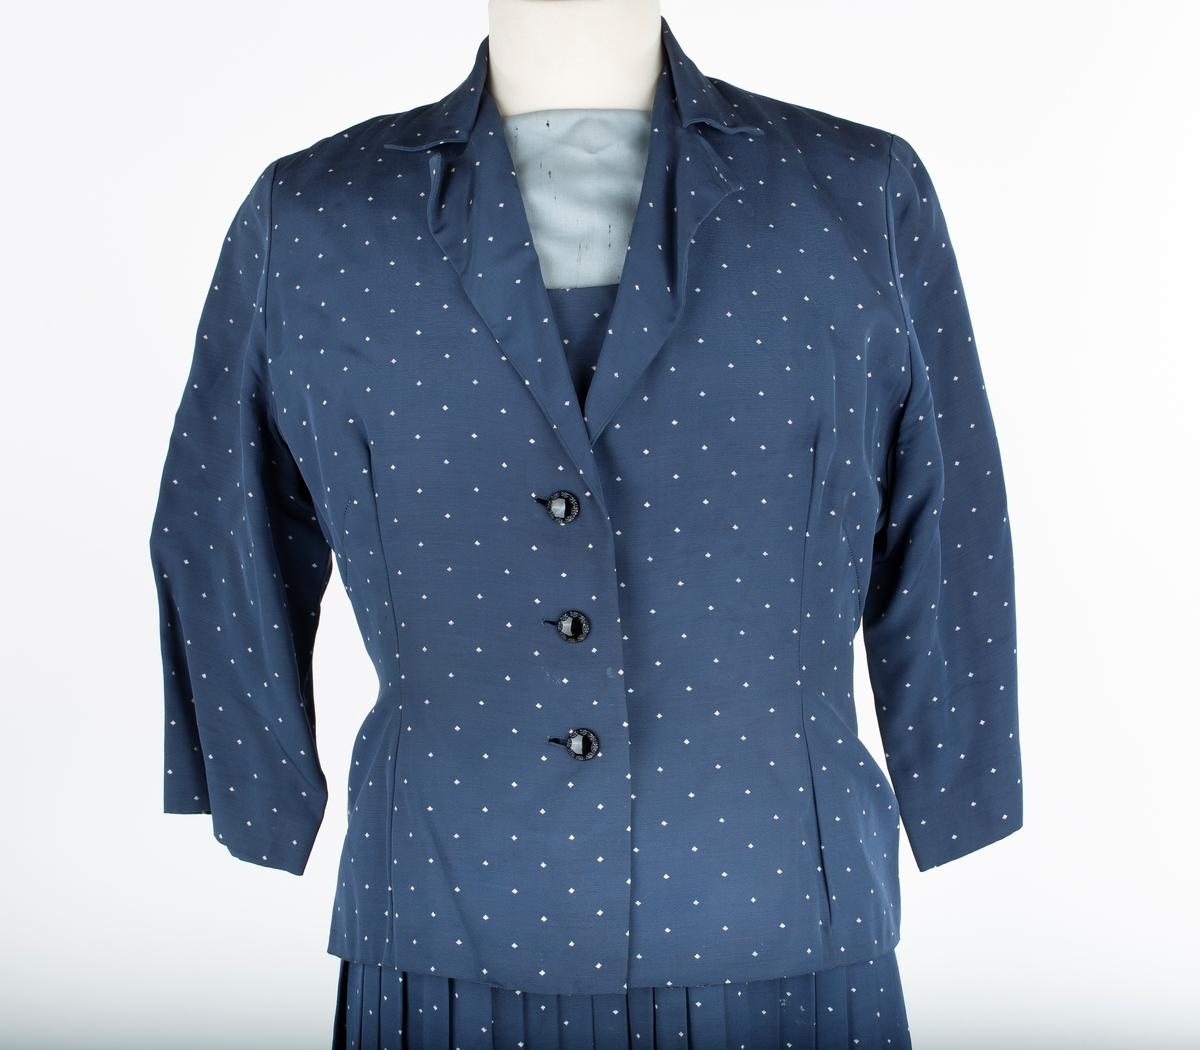 Kjole med jakke..  A: Kjole  Plissert skjørt, rette folder. Langt liv, firkantet halsskjæring, lengdesnitt forran og bak og skrå brystsnitt både over og under bysten. Belegg rundt hals og armrunging i lys grått spettet stoff. Glidelås (plast) i venstre side   Jakke er b) Innsvinget jakke, forknappet med 3 knapper, isydde 3/4 lange ermer, krage med slag, lengdesnitt og skrå brystsnitt foret med kremhvitt forstoff. Har 3/4 ermlengde  Brukt av Johanne Weydahl, Ø. Sundby gård i Nordby sogn, Ås kommune. Hun var mor til giver